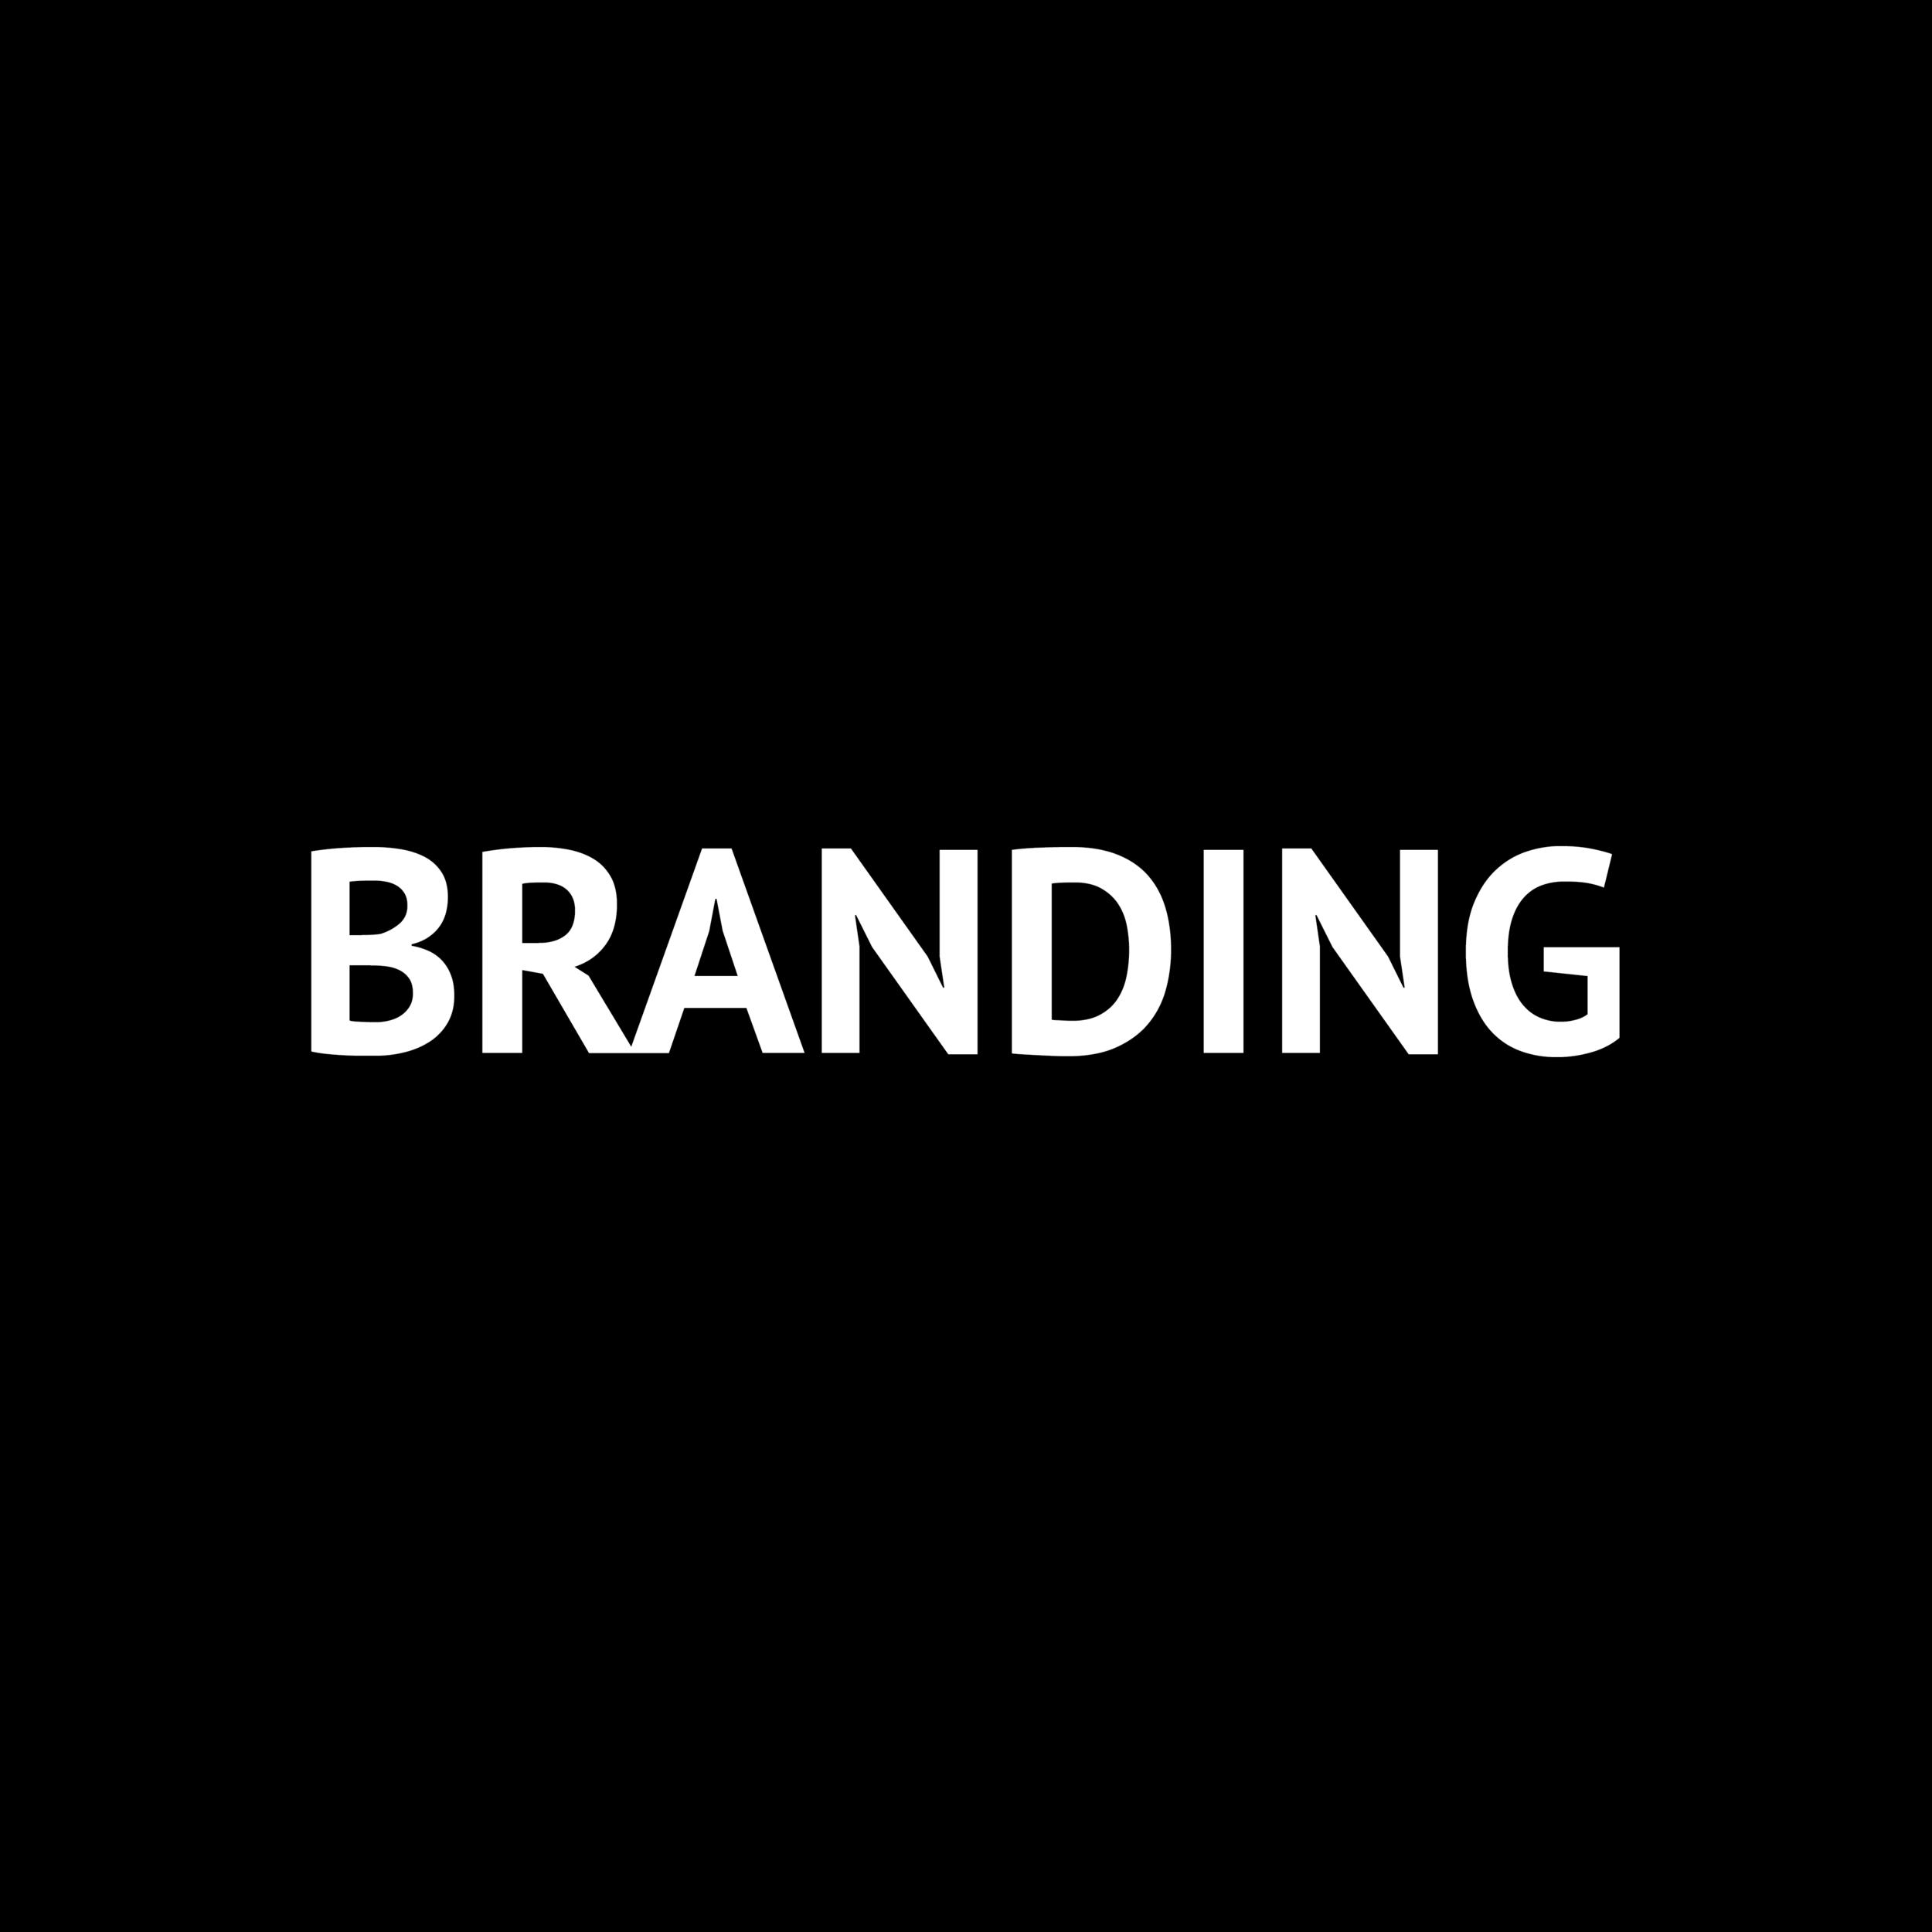 Bre_branding.png